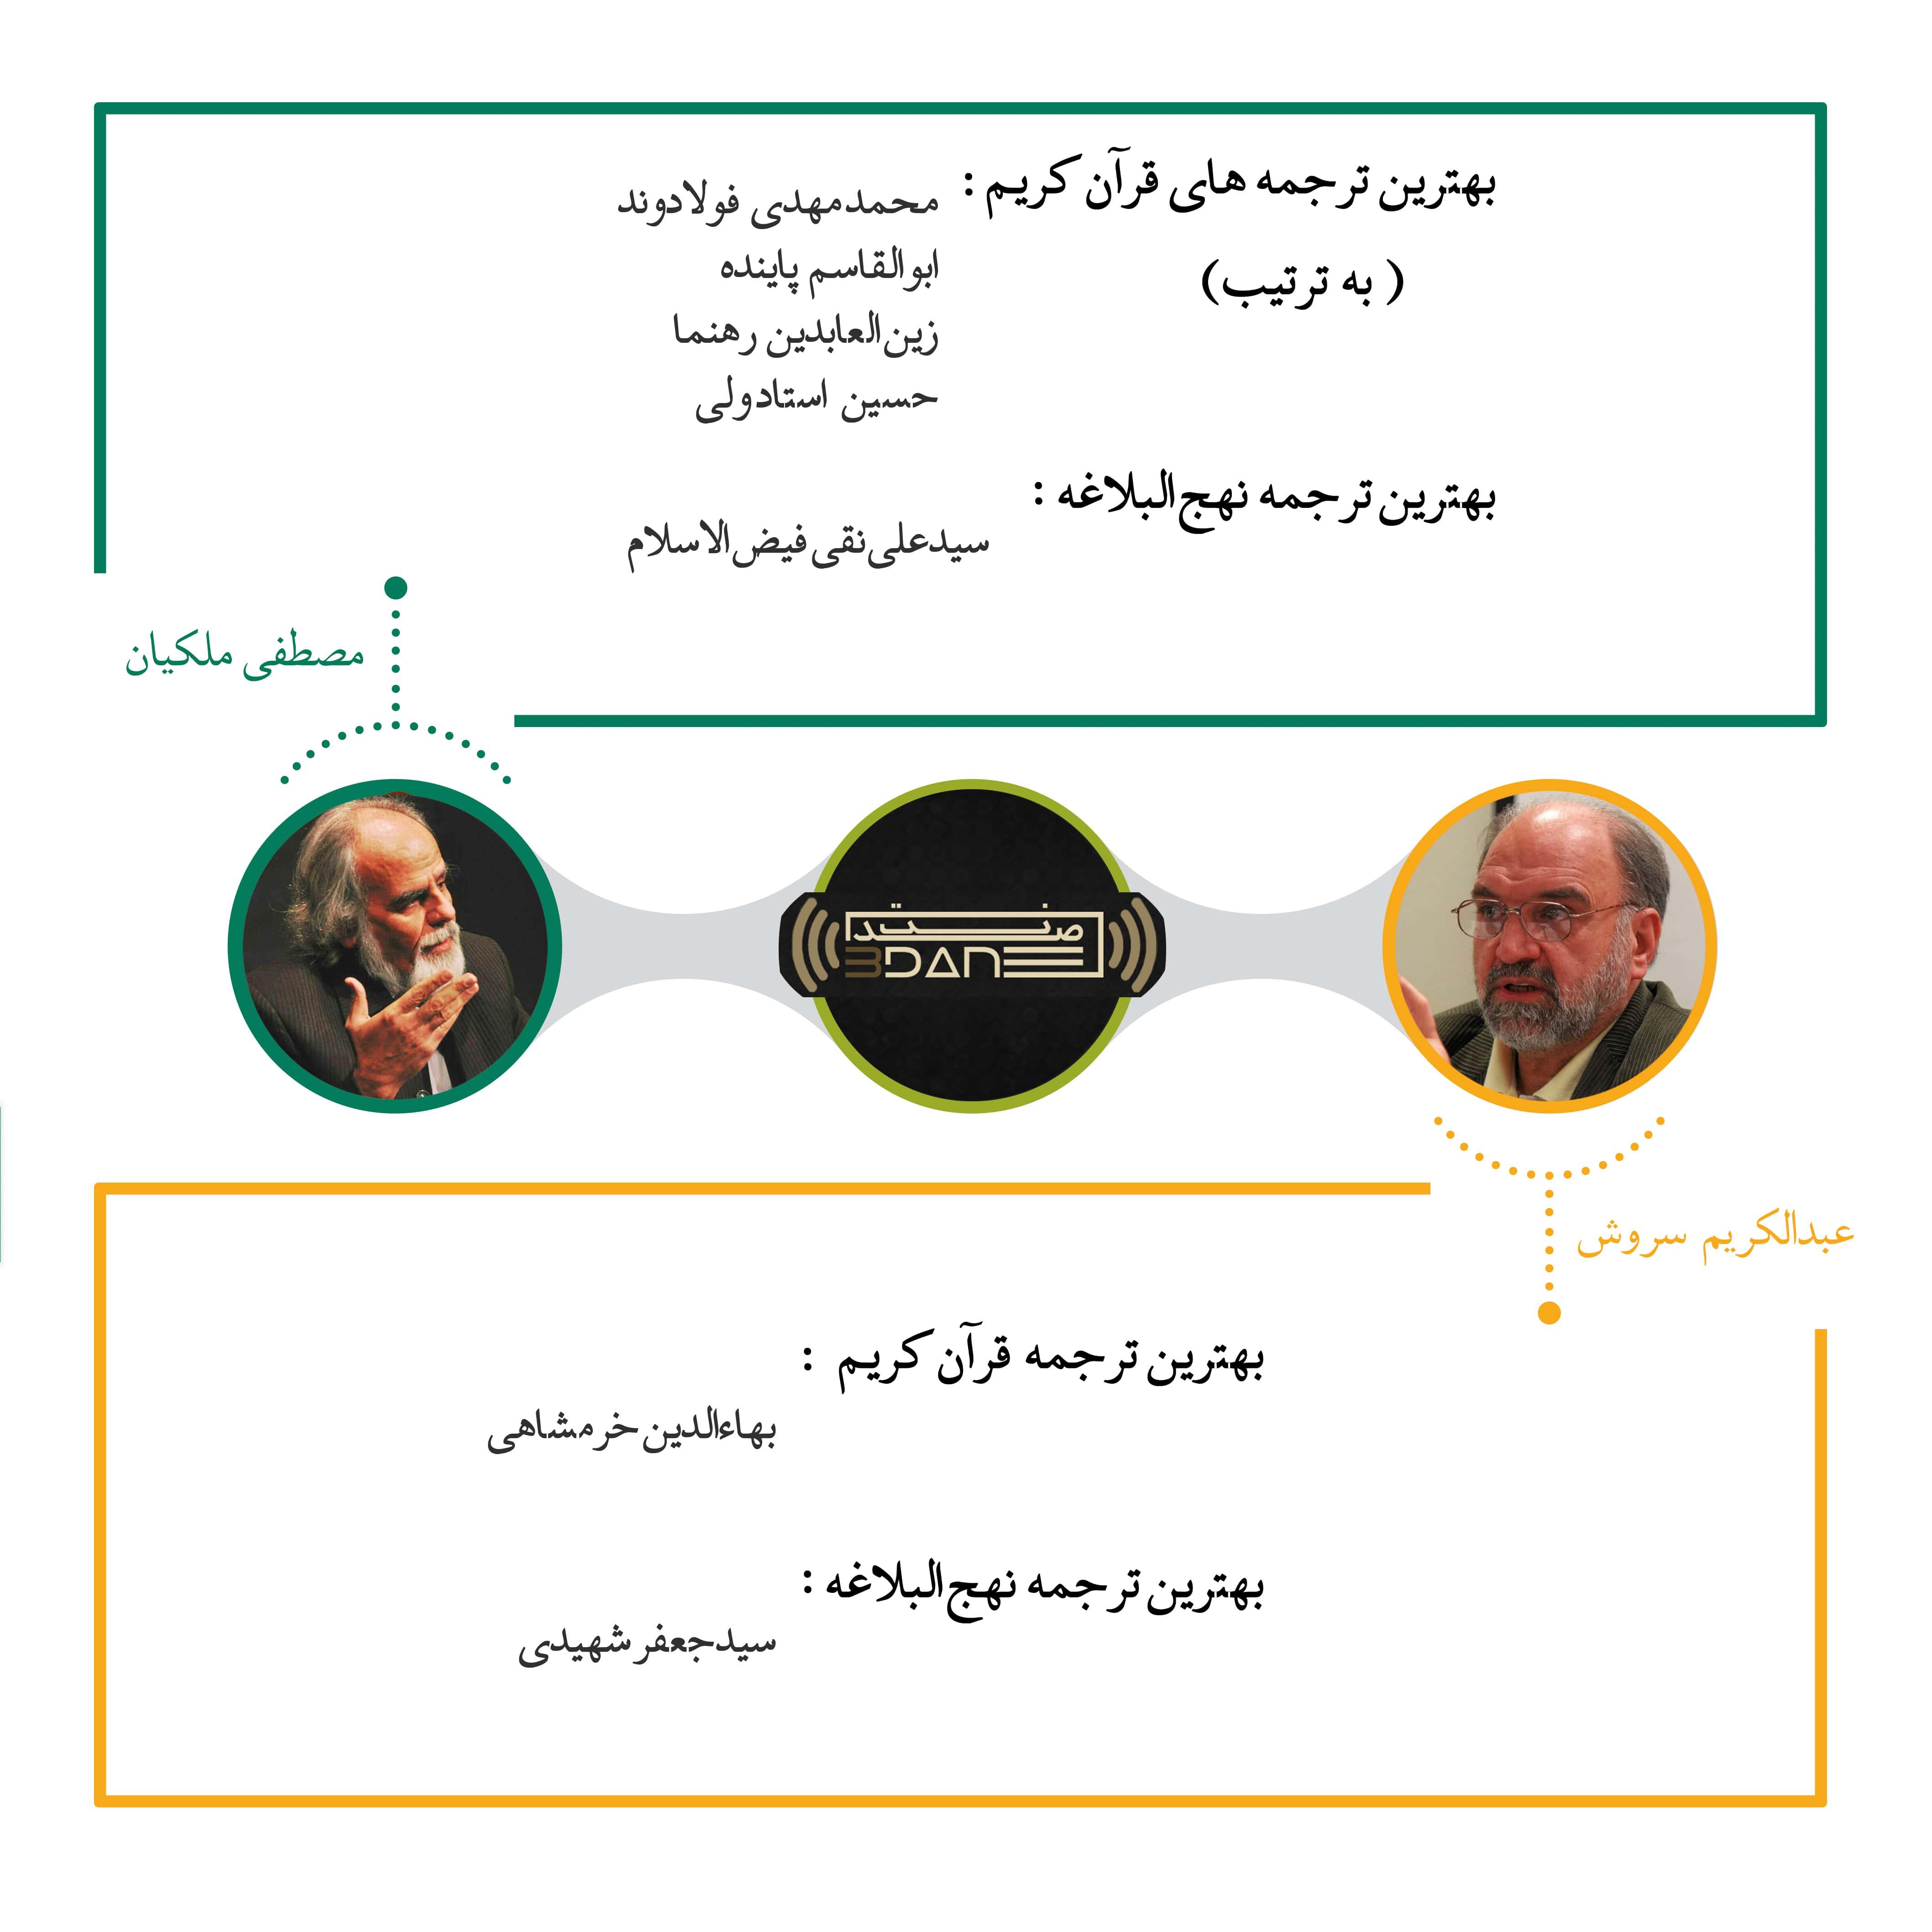 بهترین ترجمههای قرآن و نهج البلاغه از نگاه عبدالکریم سروش و مصطفی ملکیان